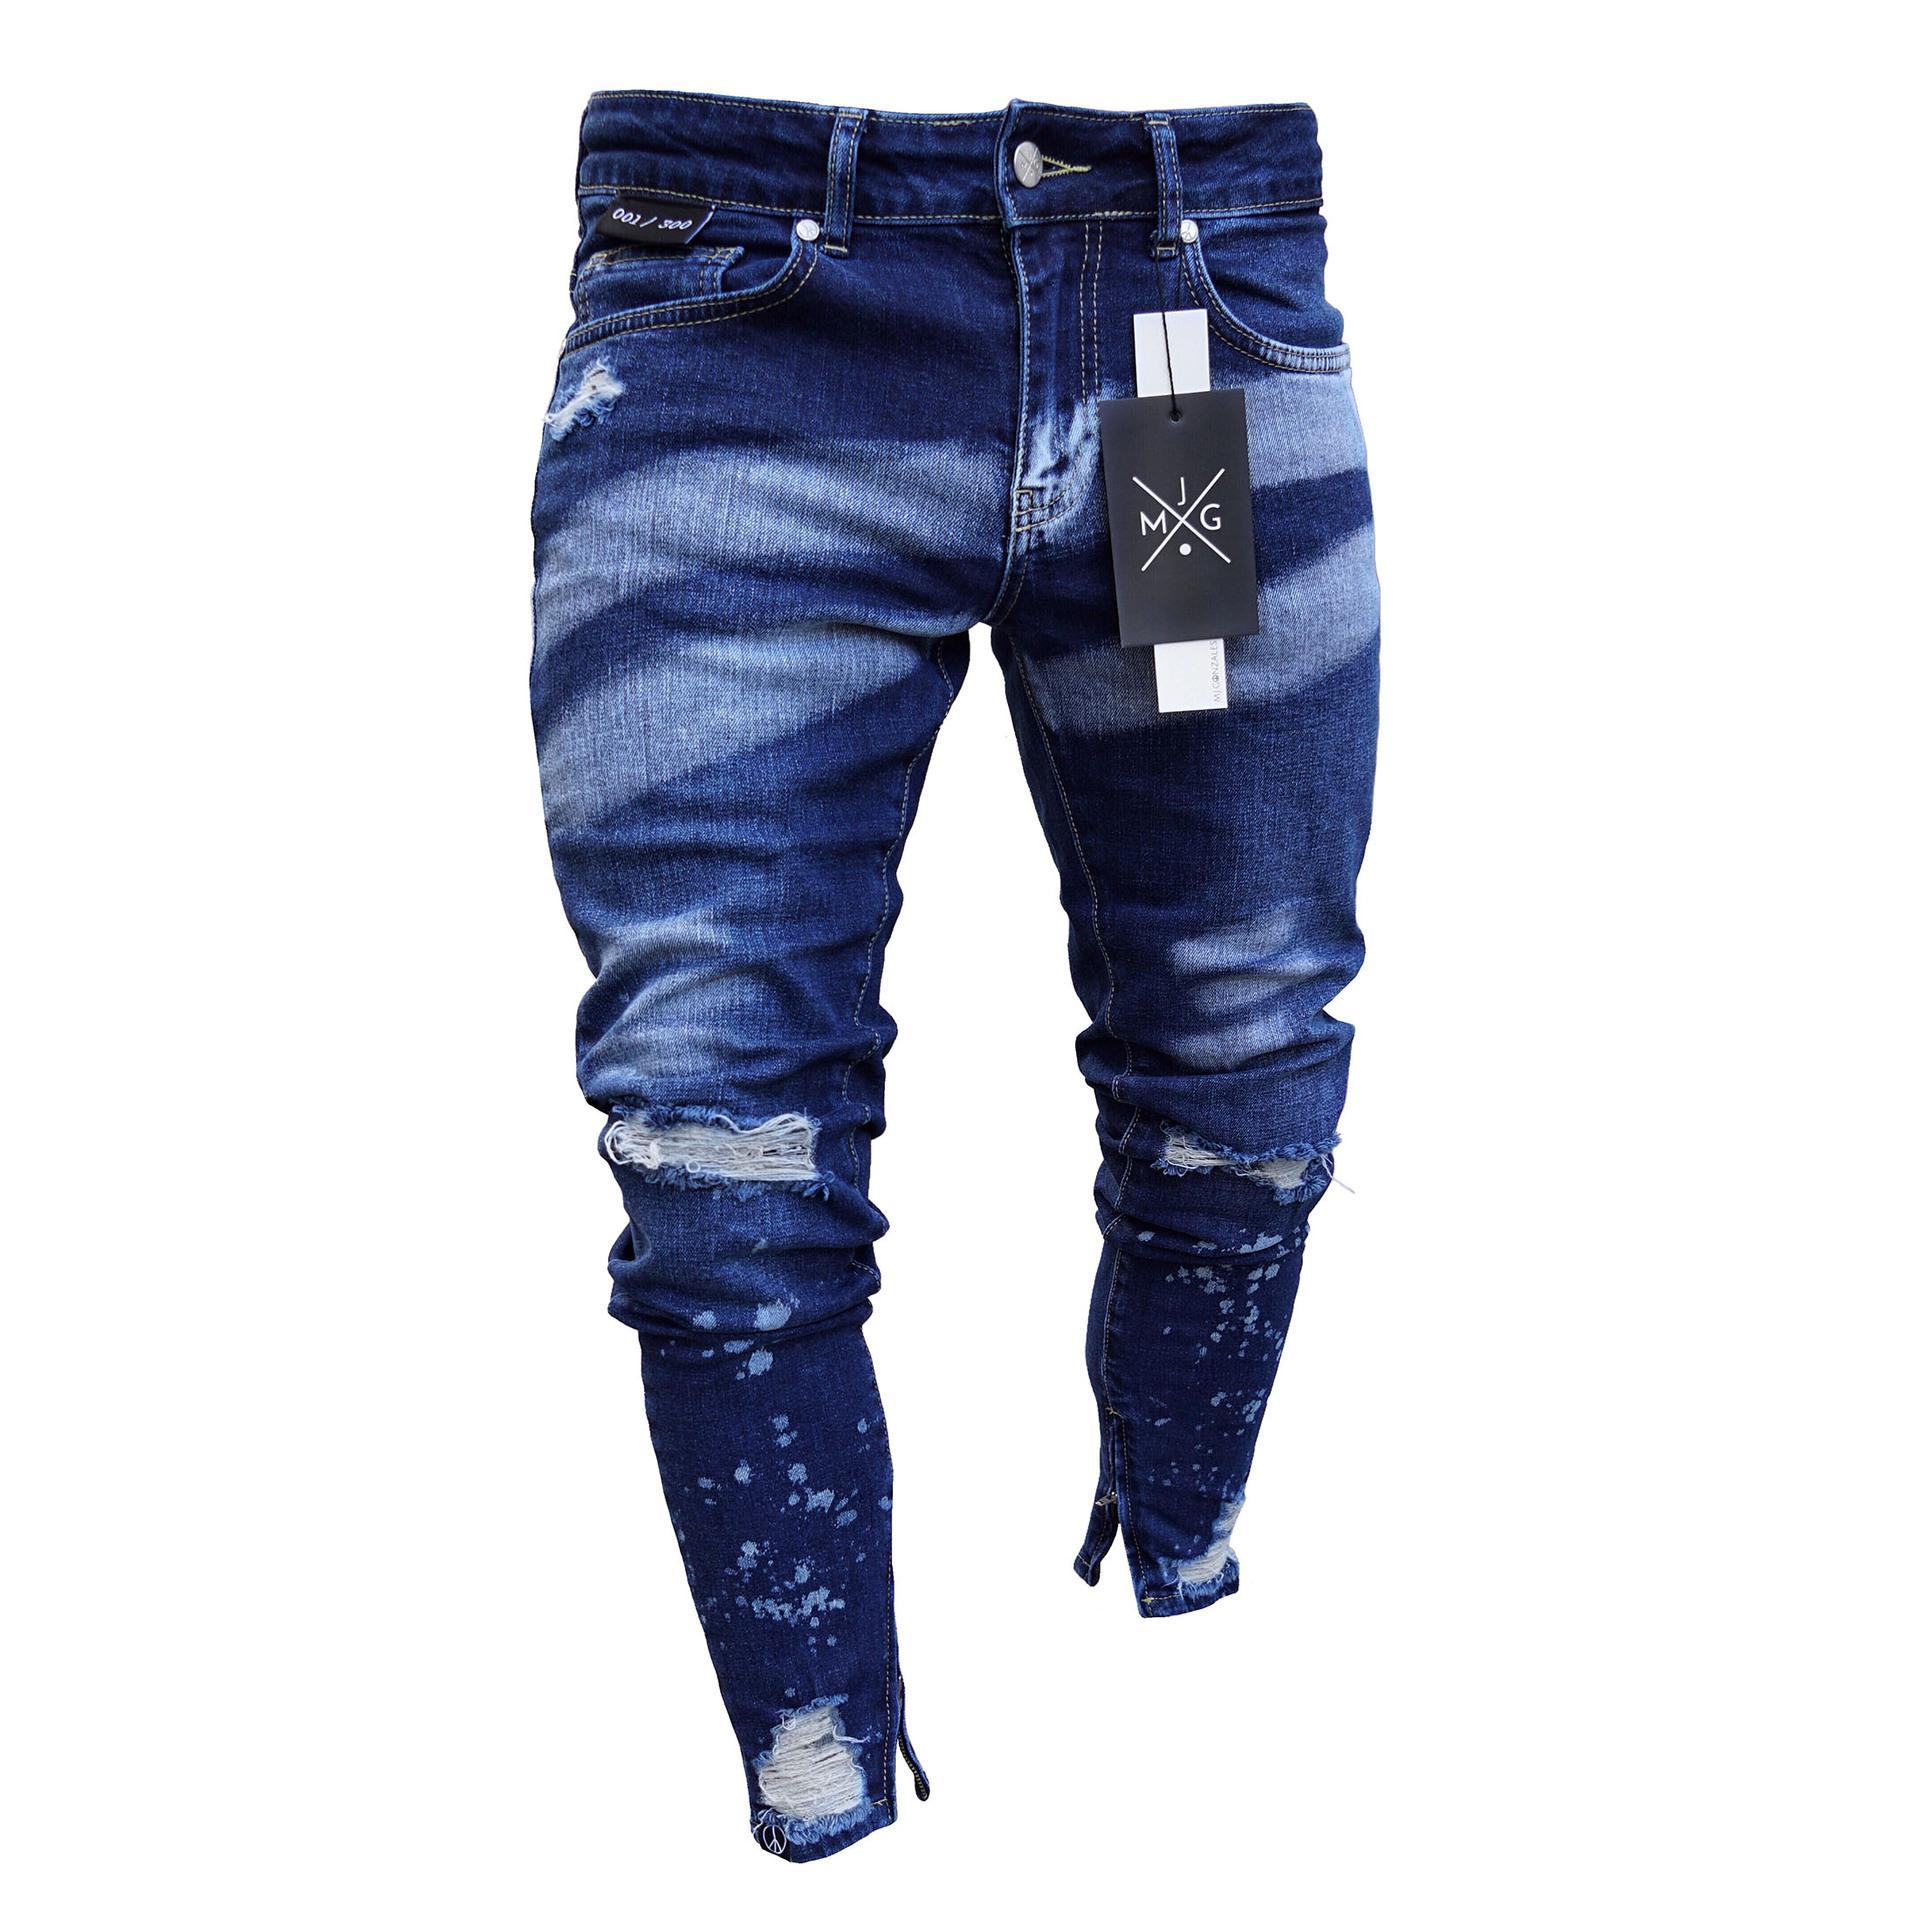 Compre Azul Lavado Jeans Para Hombre Ropa Gradiente De Color Lapiz Pantalon Jean Pantalones Vaqueros Ajustados De Corte Slim A 36 33 Del Cqclothes Dhgate Com